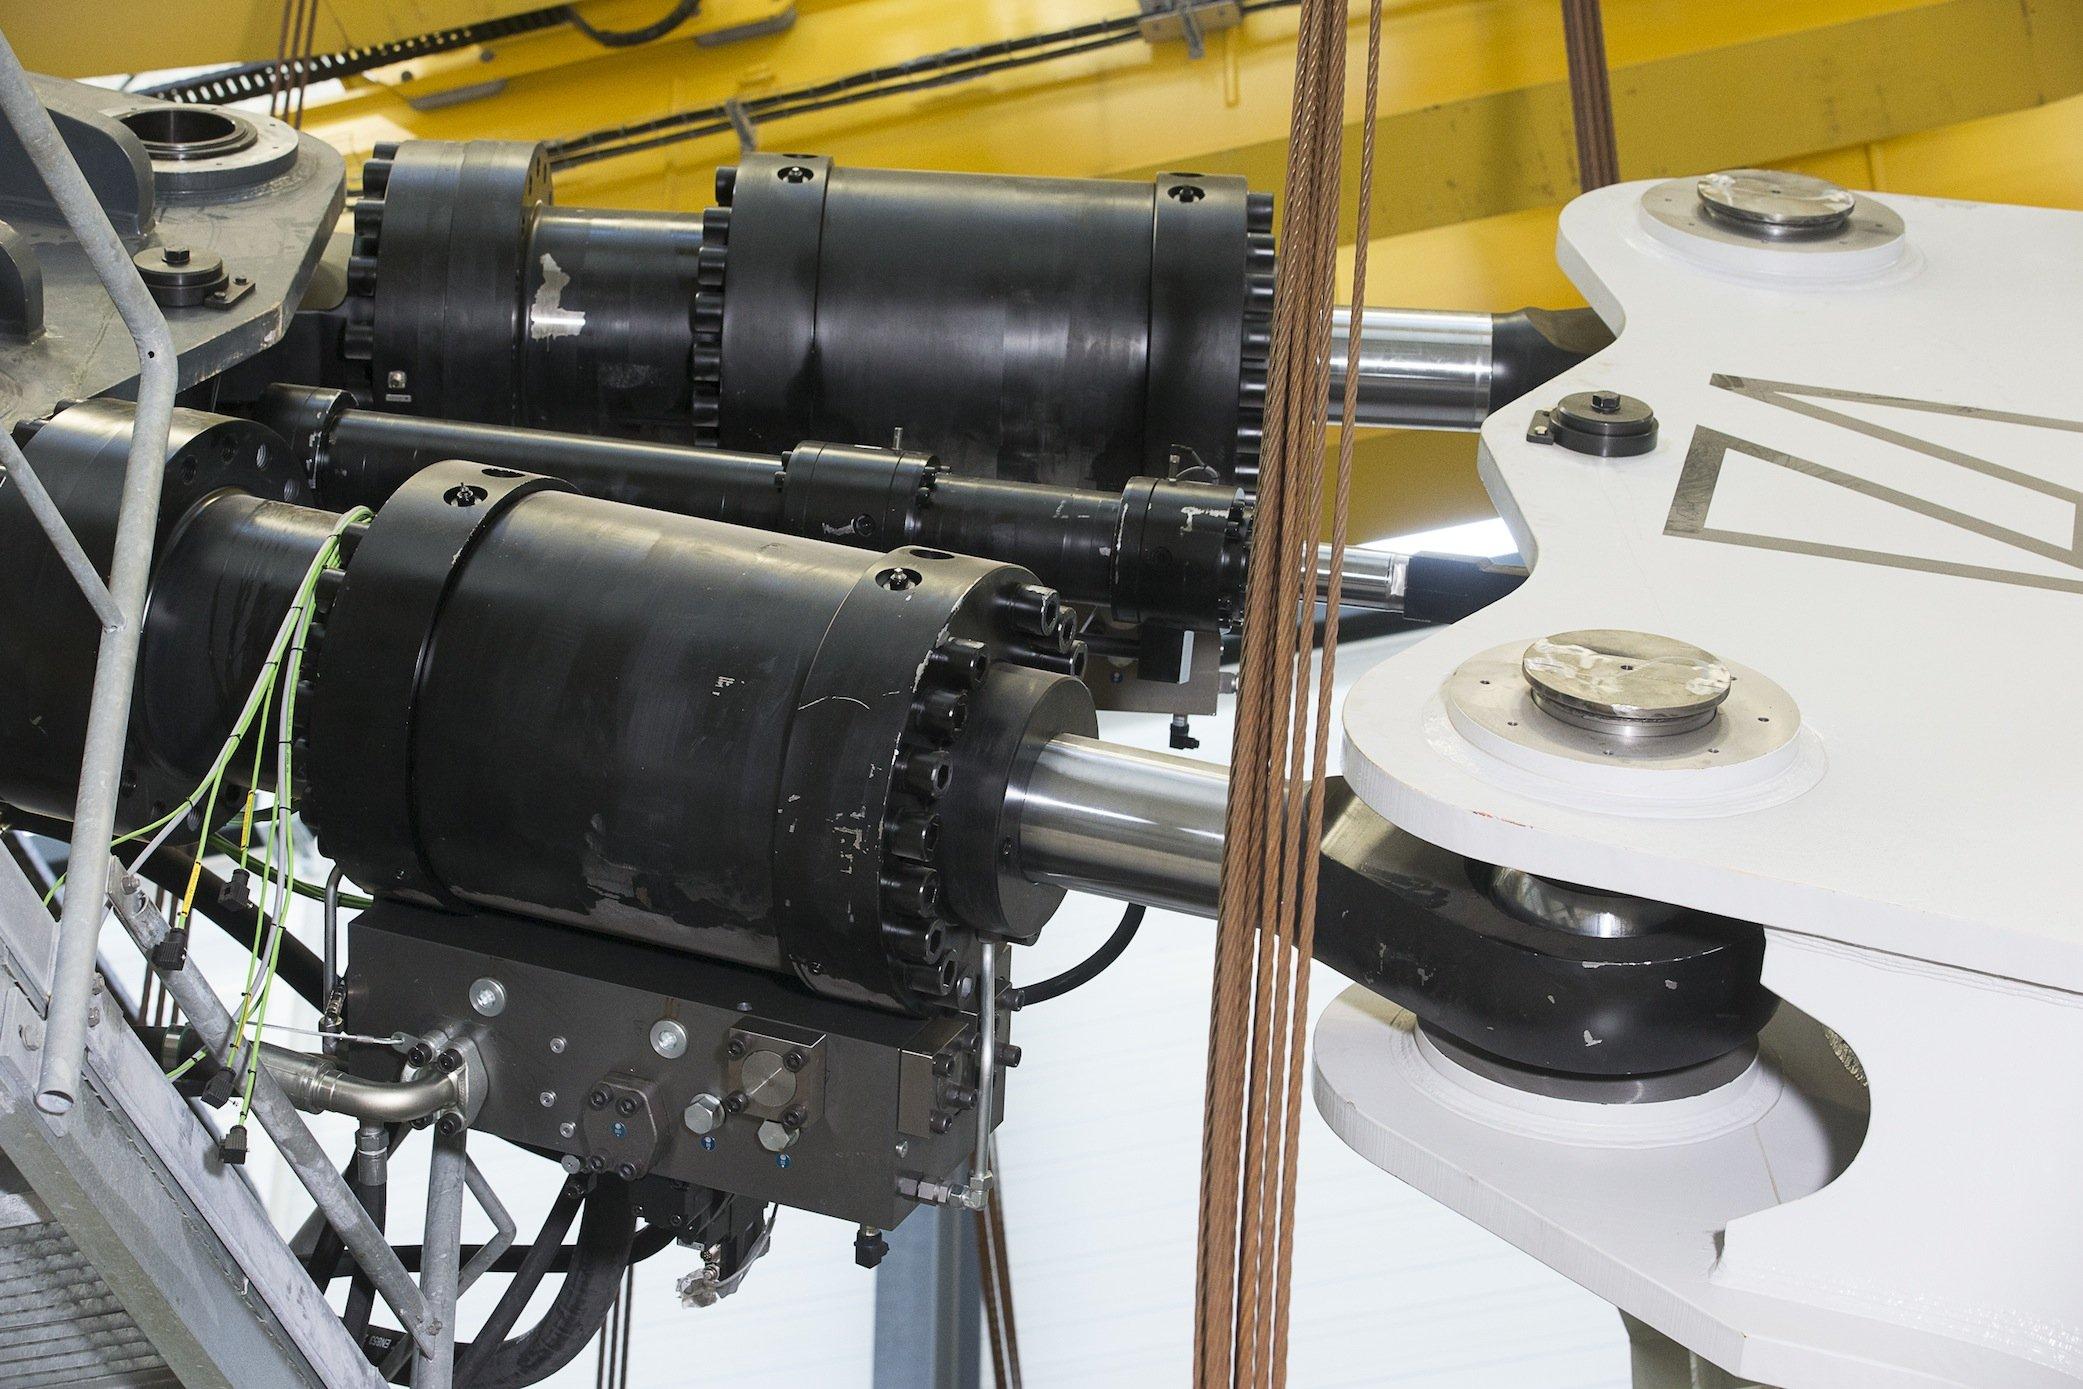 Bärenstarke Hydraulik-Zylinder bewegen die Generatoren im Teststand. 100 t wiegt beispielsweise ein Generator für eine 3-MW-Windkraftanlage.